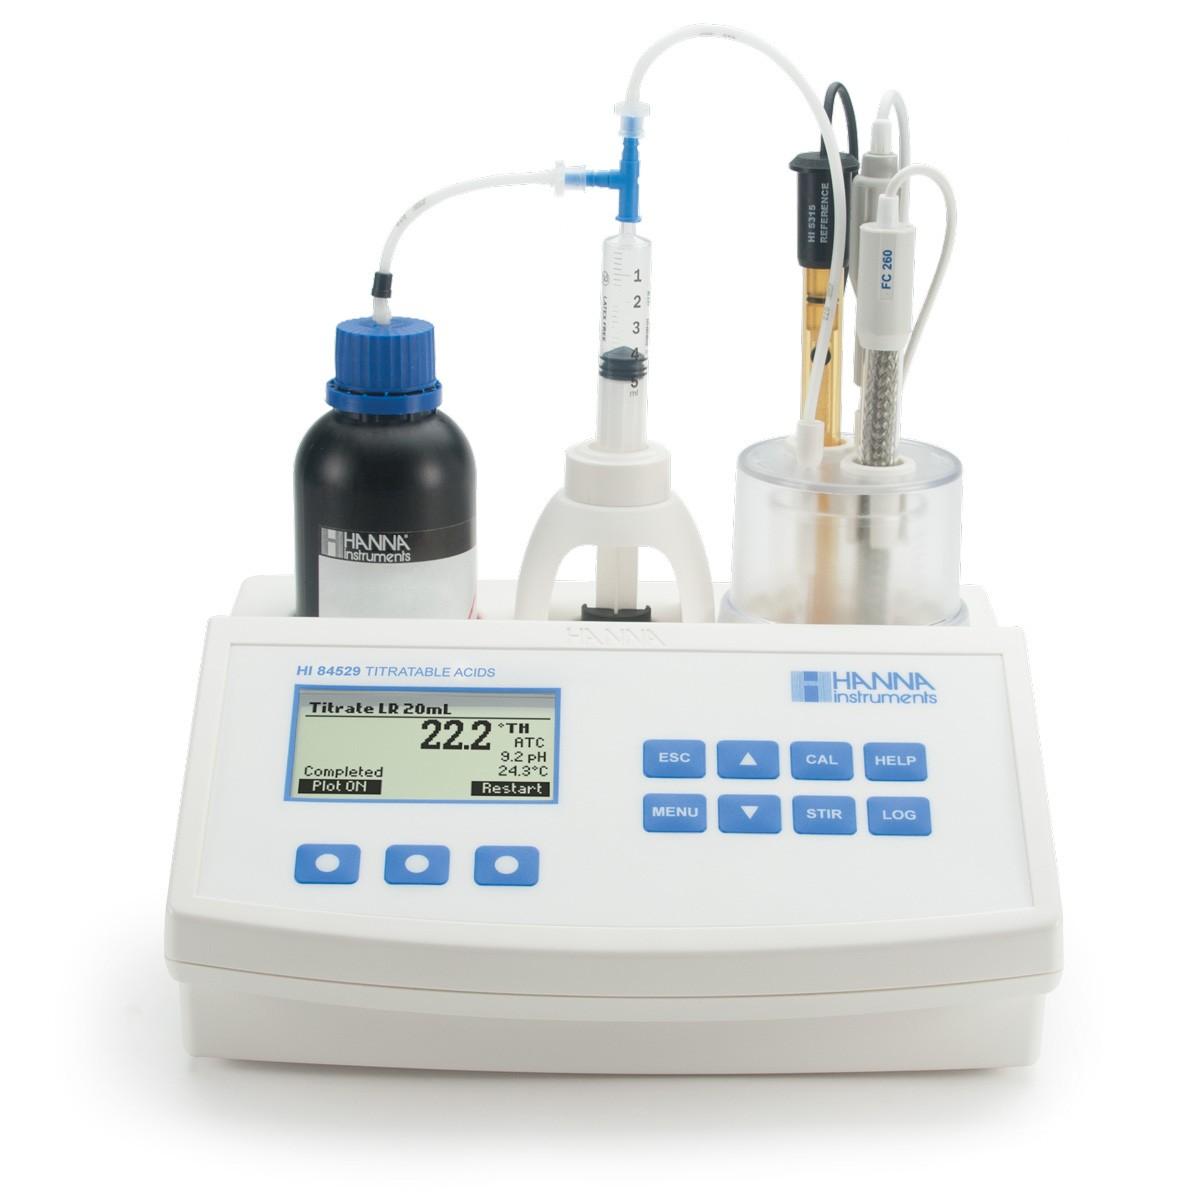 HI84529-Süt Ürünlerinde Titre edilebilir Asitlik Ölçümü için Mini Titratör